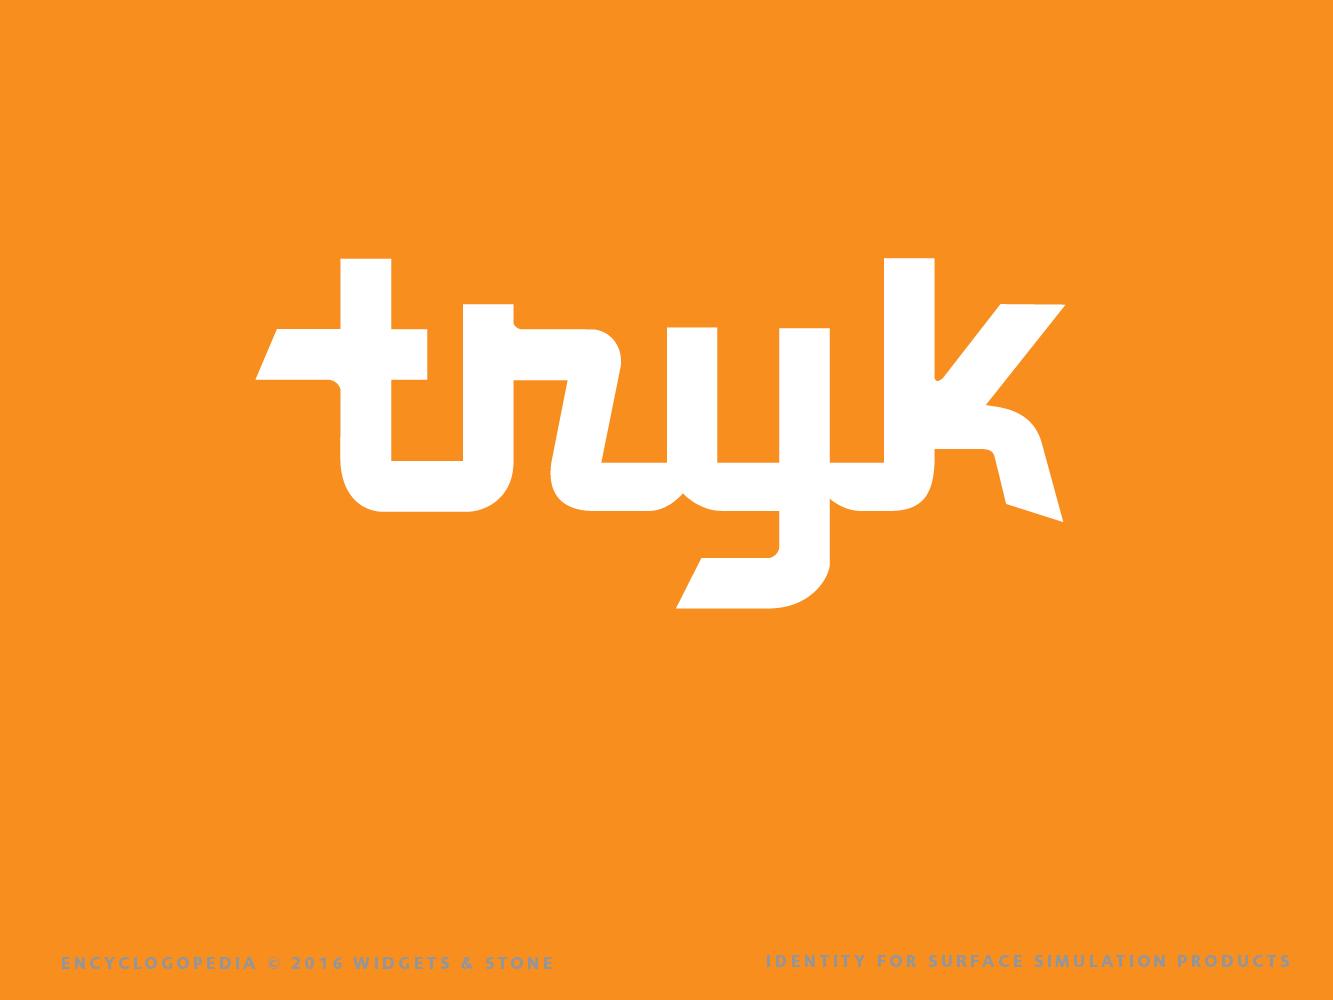 Copy of Tryk logo brand